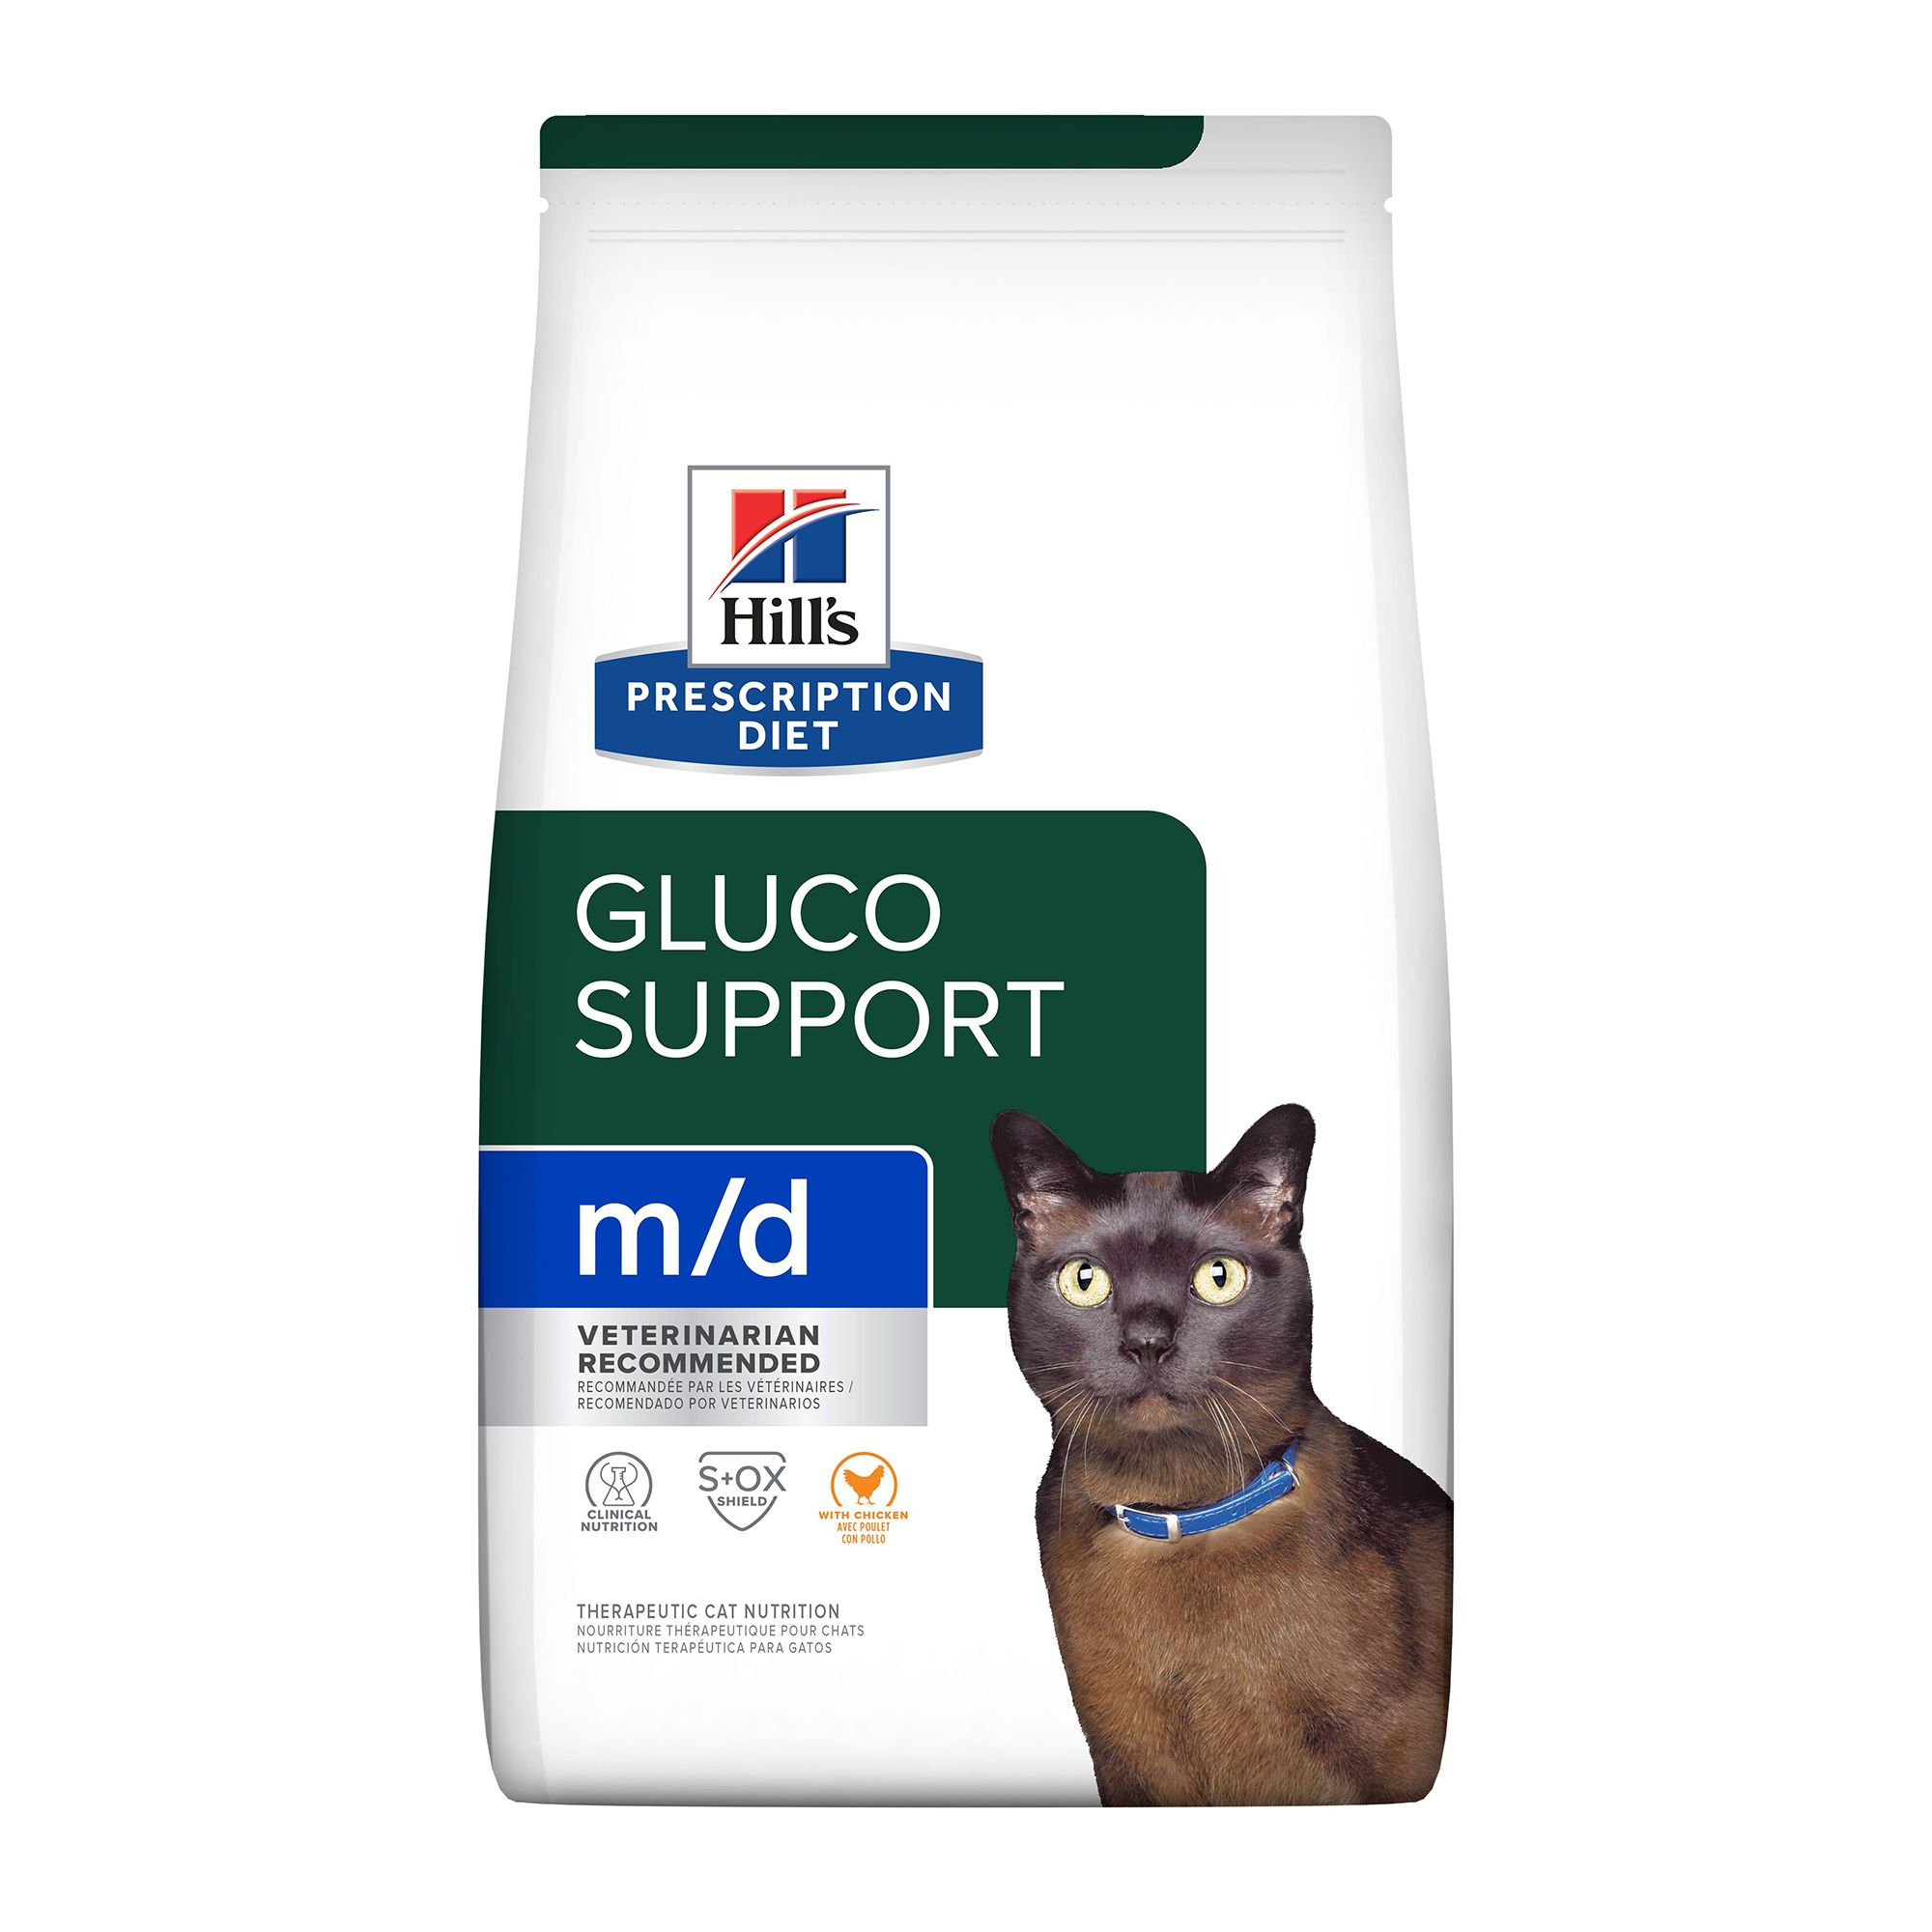 Diabetic Cat Food Petco